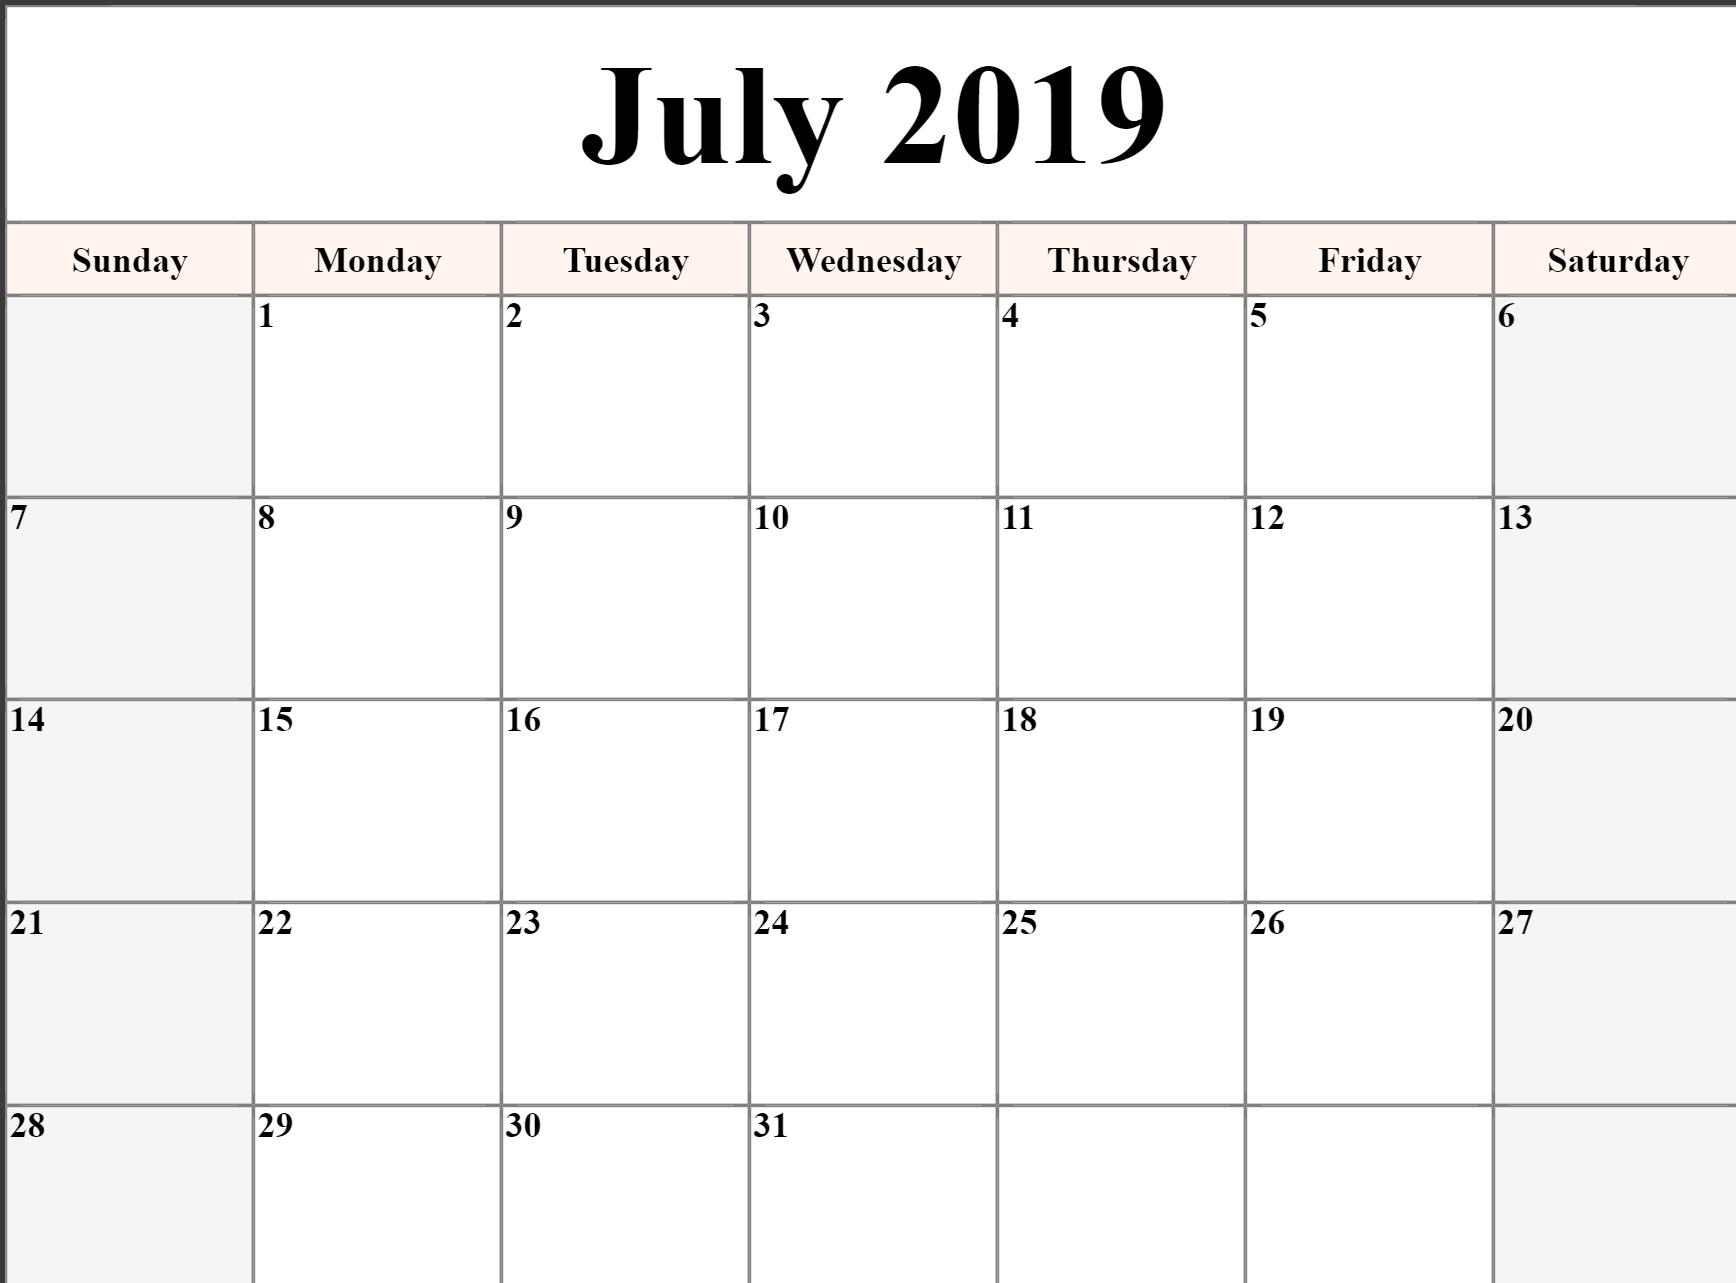 July 2019 Calendar Template